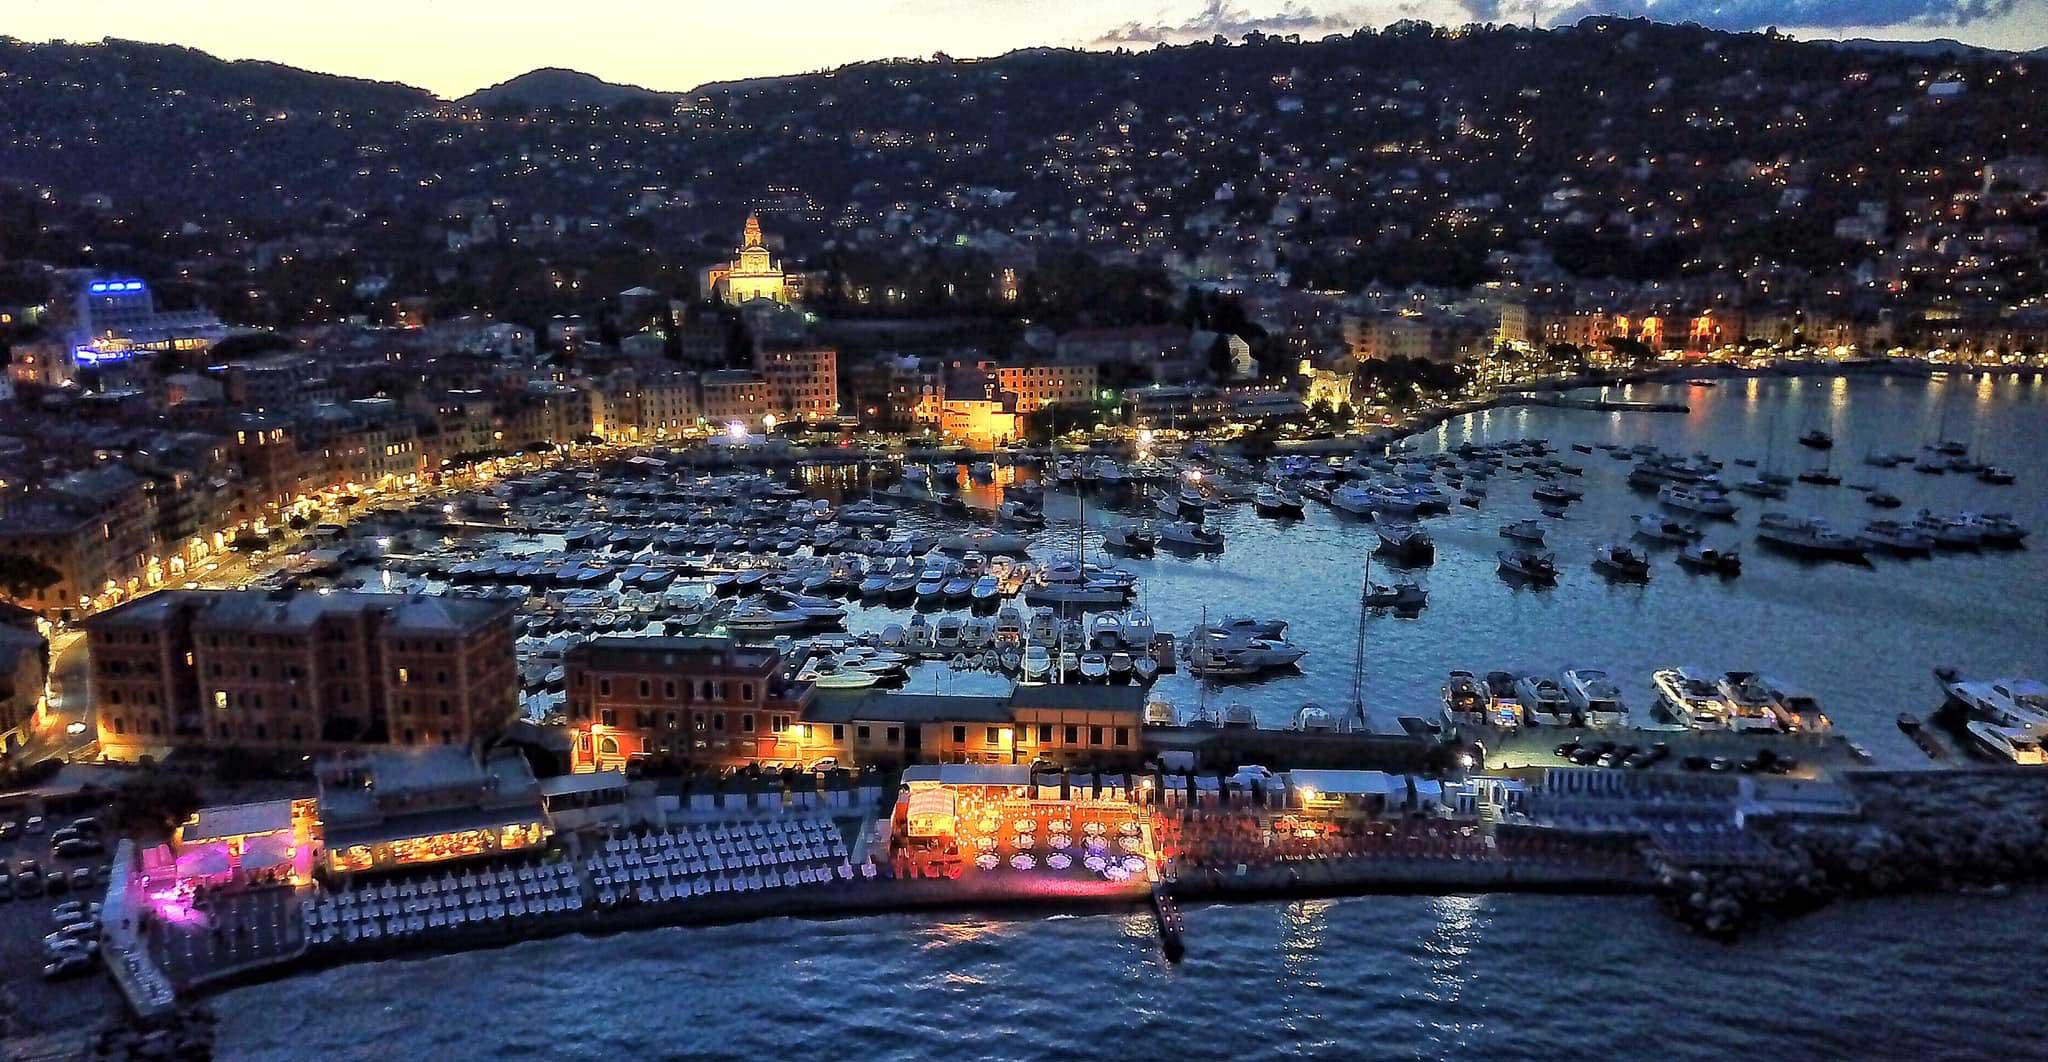 Bagni Sirena allestiti dall'alto - 2019